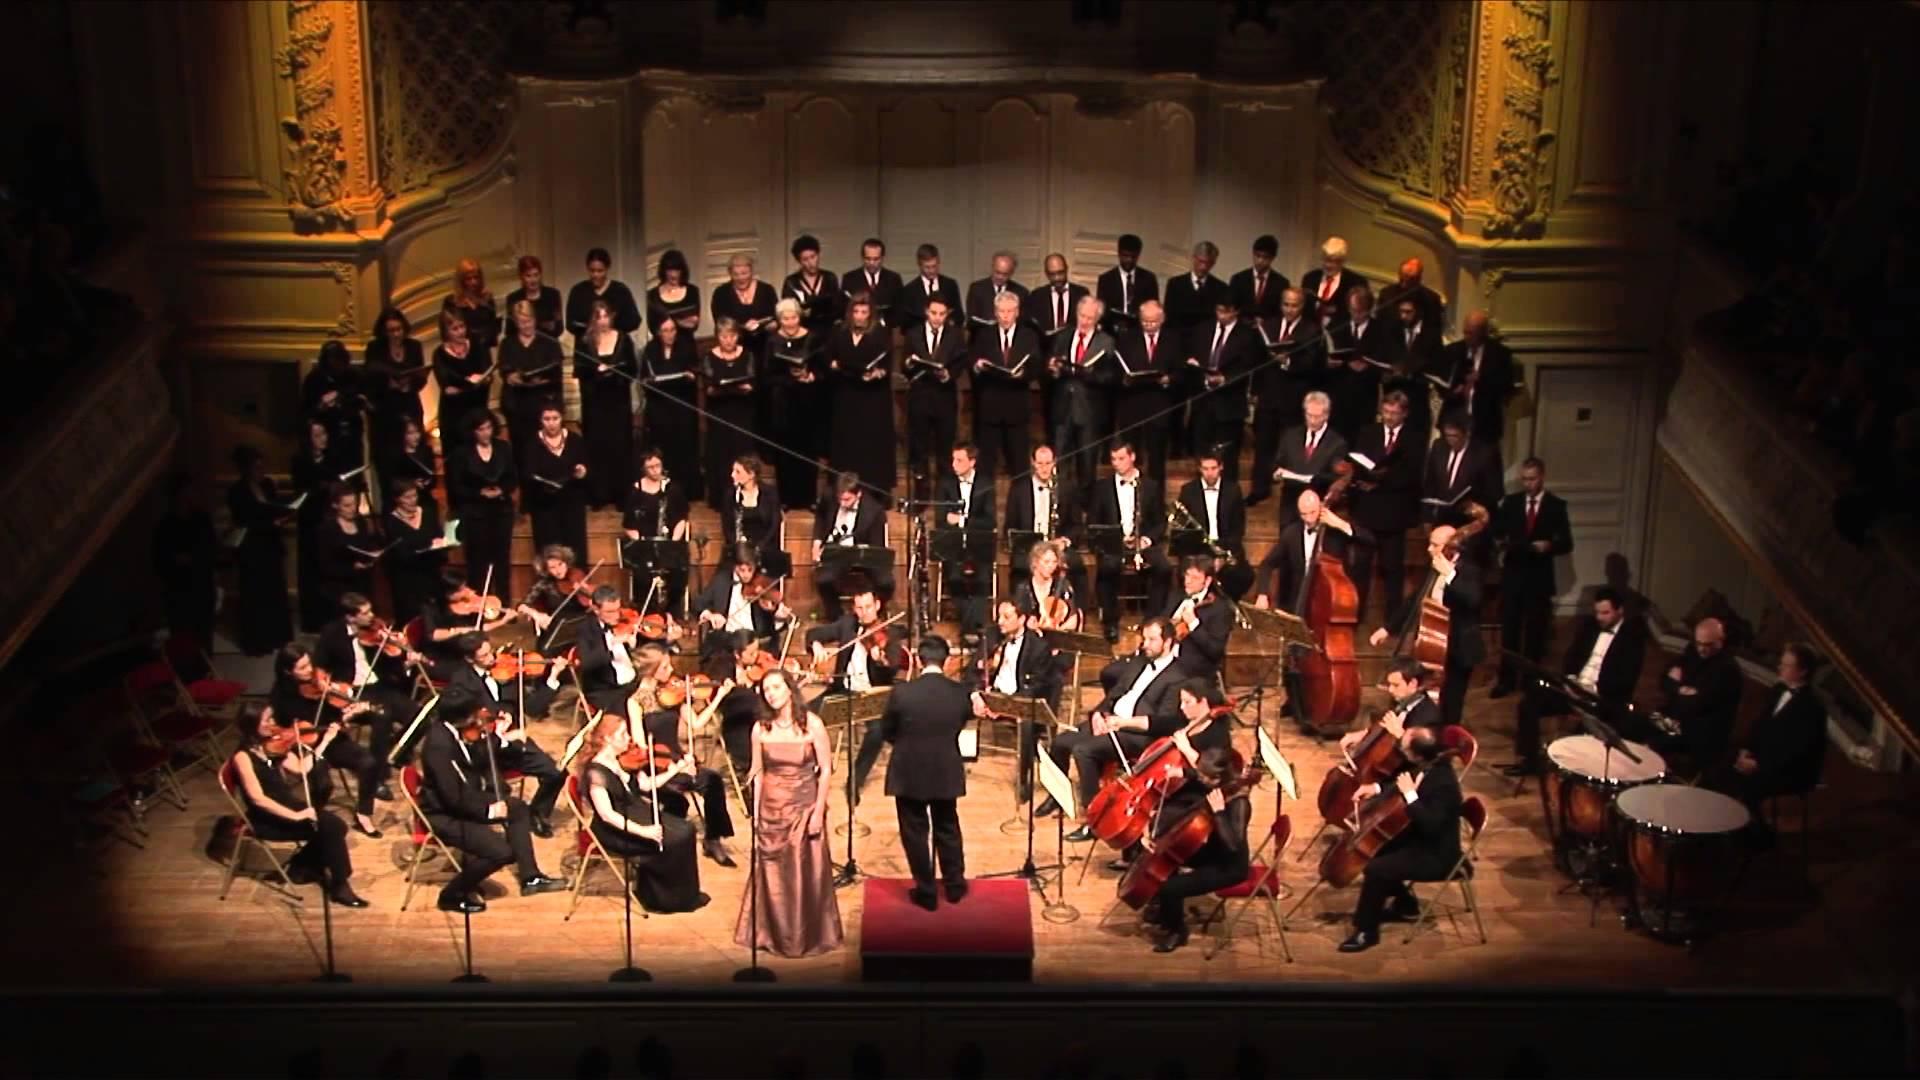 Mozart – Laudate Dominum – Pejman Memarzadeh & l'Orchestre de l'Alliance